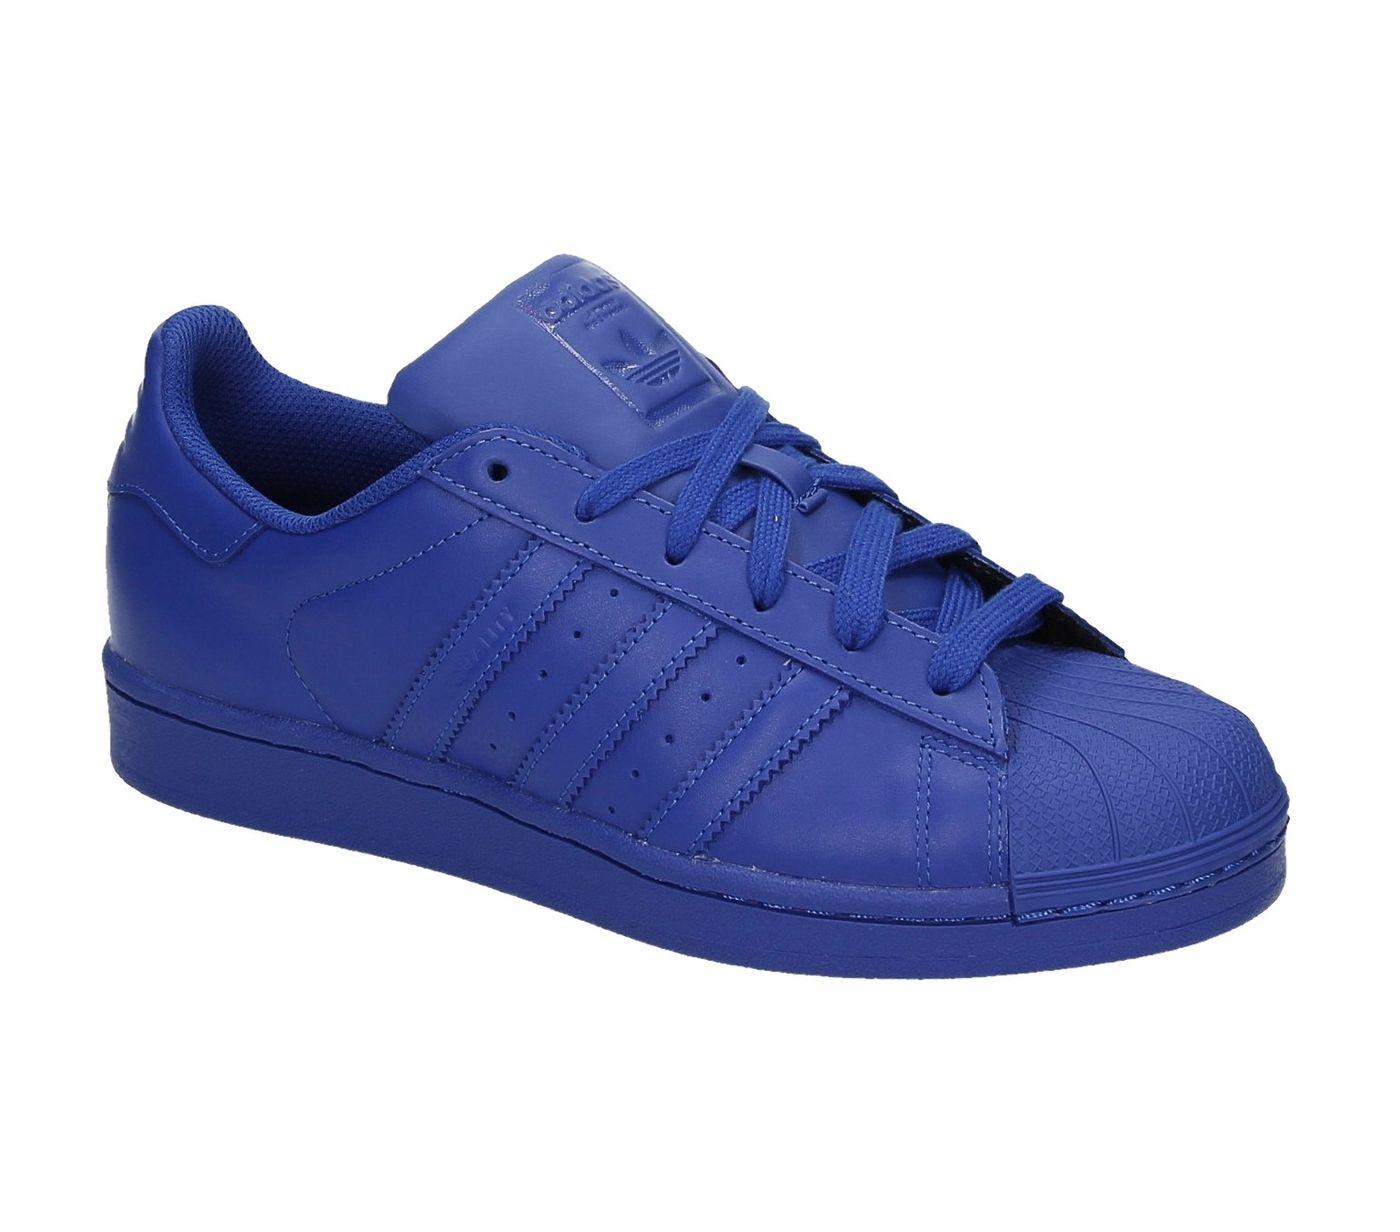 45d31a6e1a6 Adidas Superstar, Superstar Supercolor, Custom Made Shoes, Adidas  Originals, Nike, Adidas